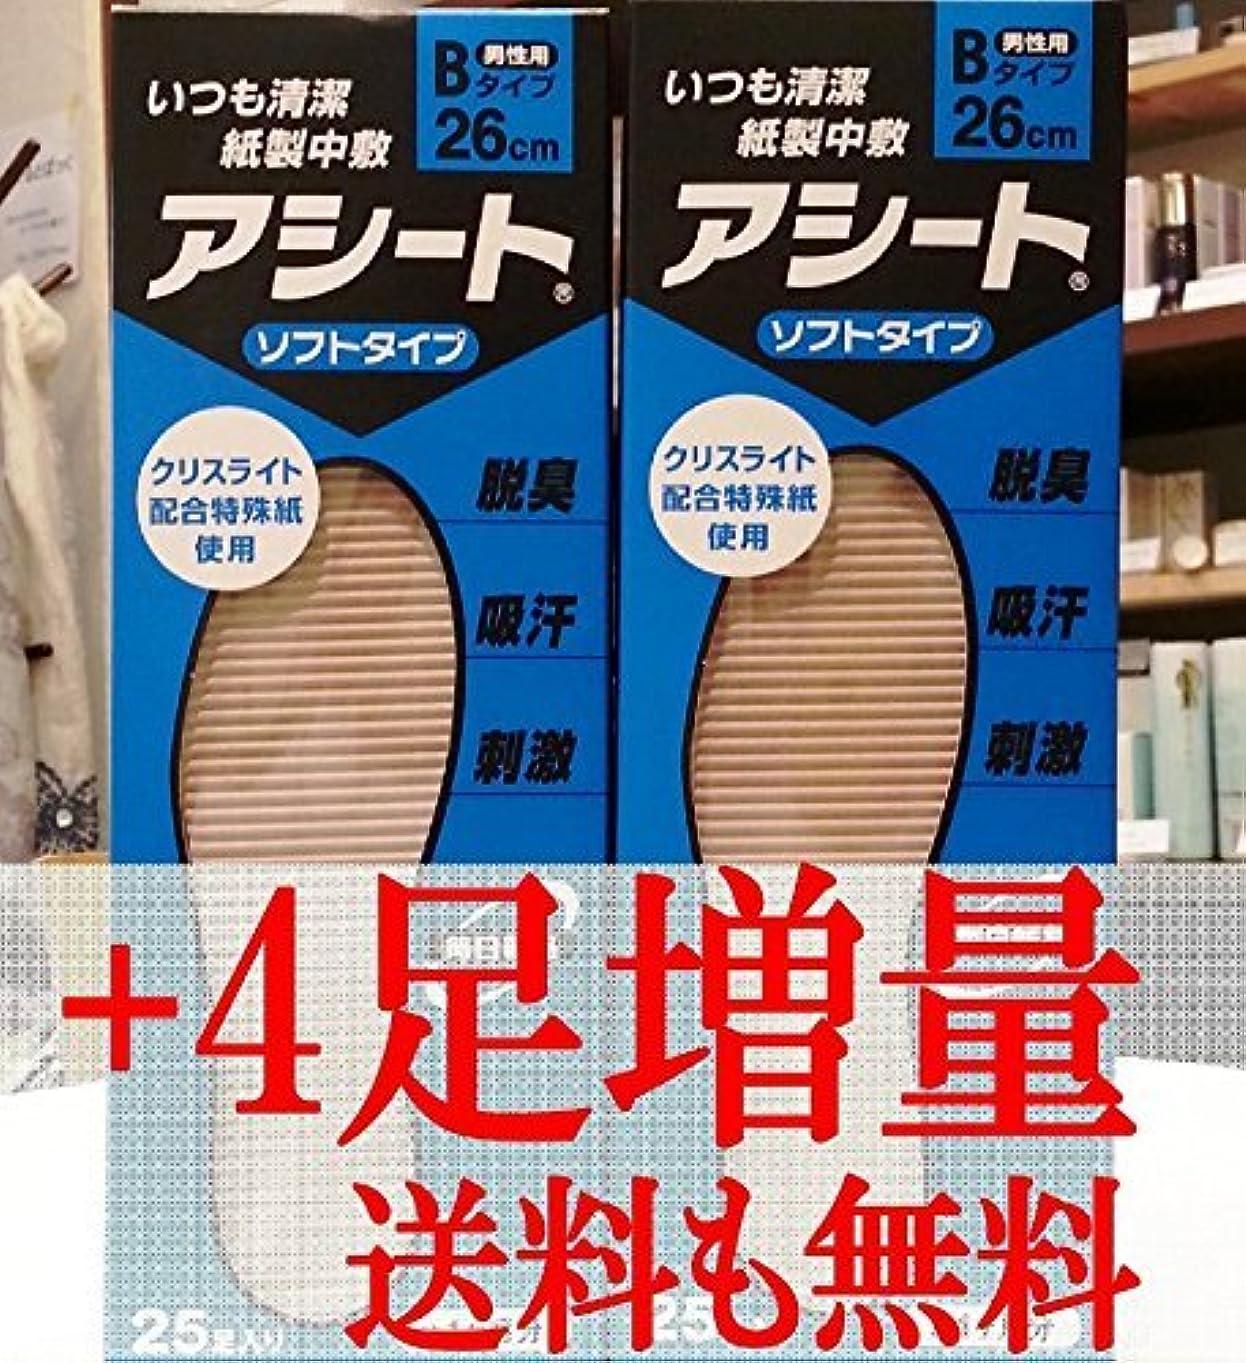 完全に乾く寝る悪化するアシートB 25足入2箱セット+4足増量中(27cm)